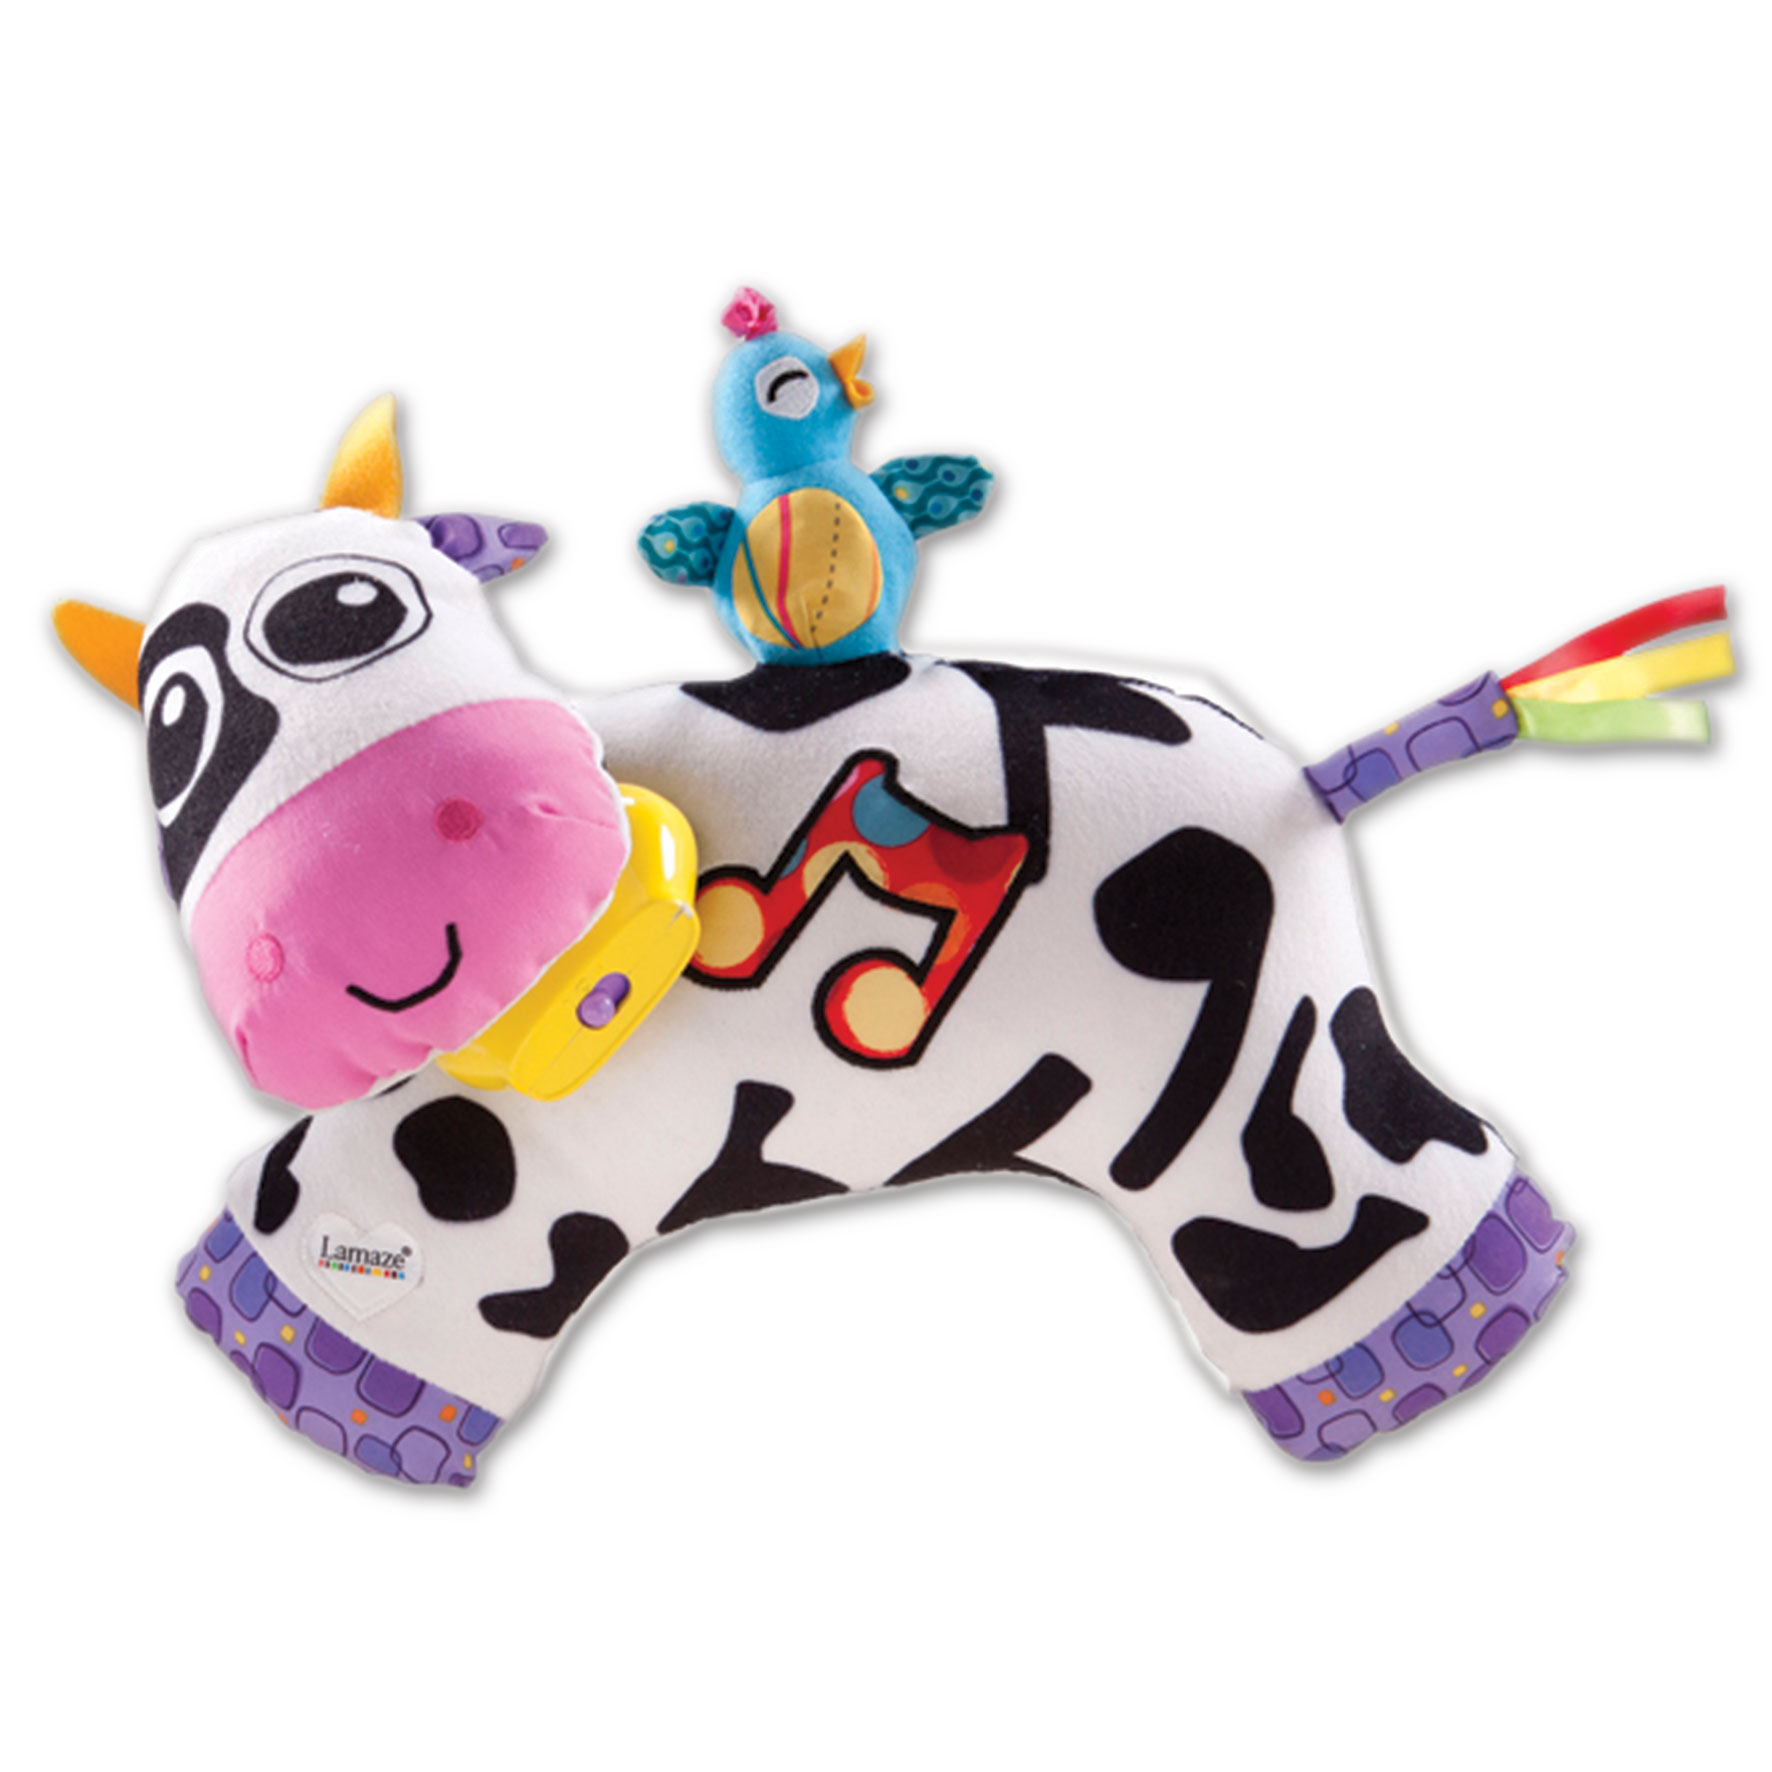 Lamaze Мягкая озвученная игрушка Музыкальная коровка мягкая озвученная игрушка tongde фронтальный погрузчик в72429